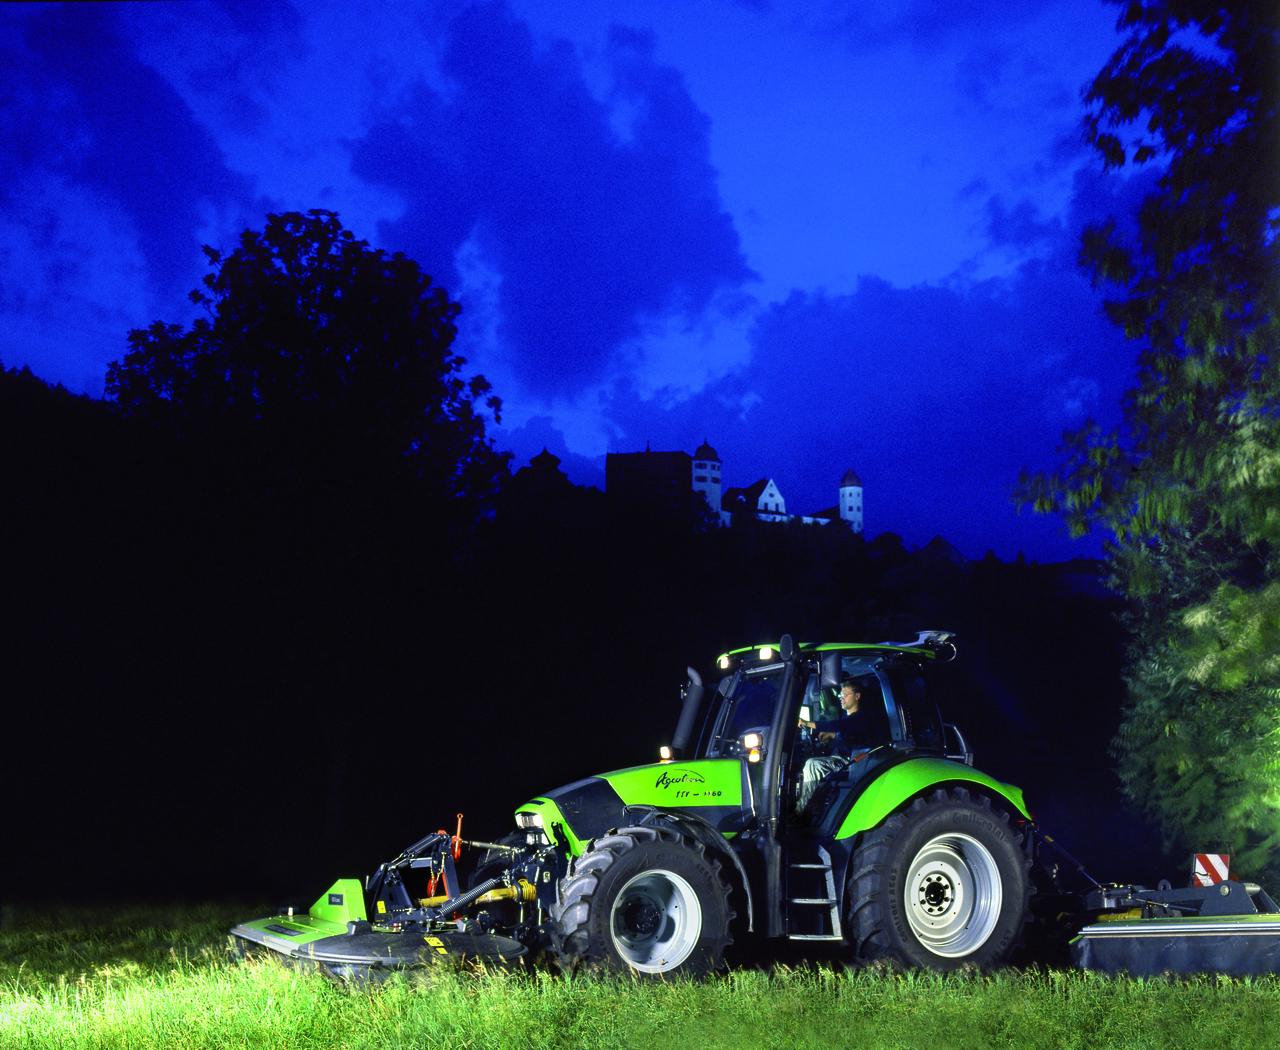 [Deutz-Fahr] trattore Agrotron TTV 1160 al lavoro con barre falcianti